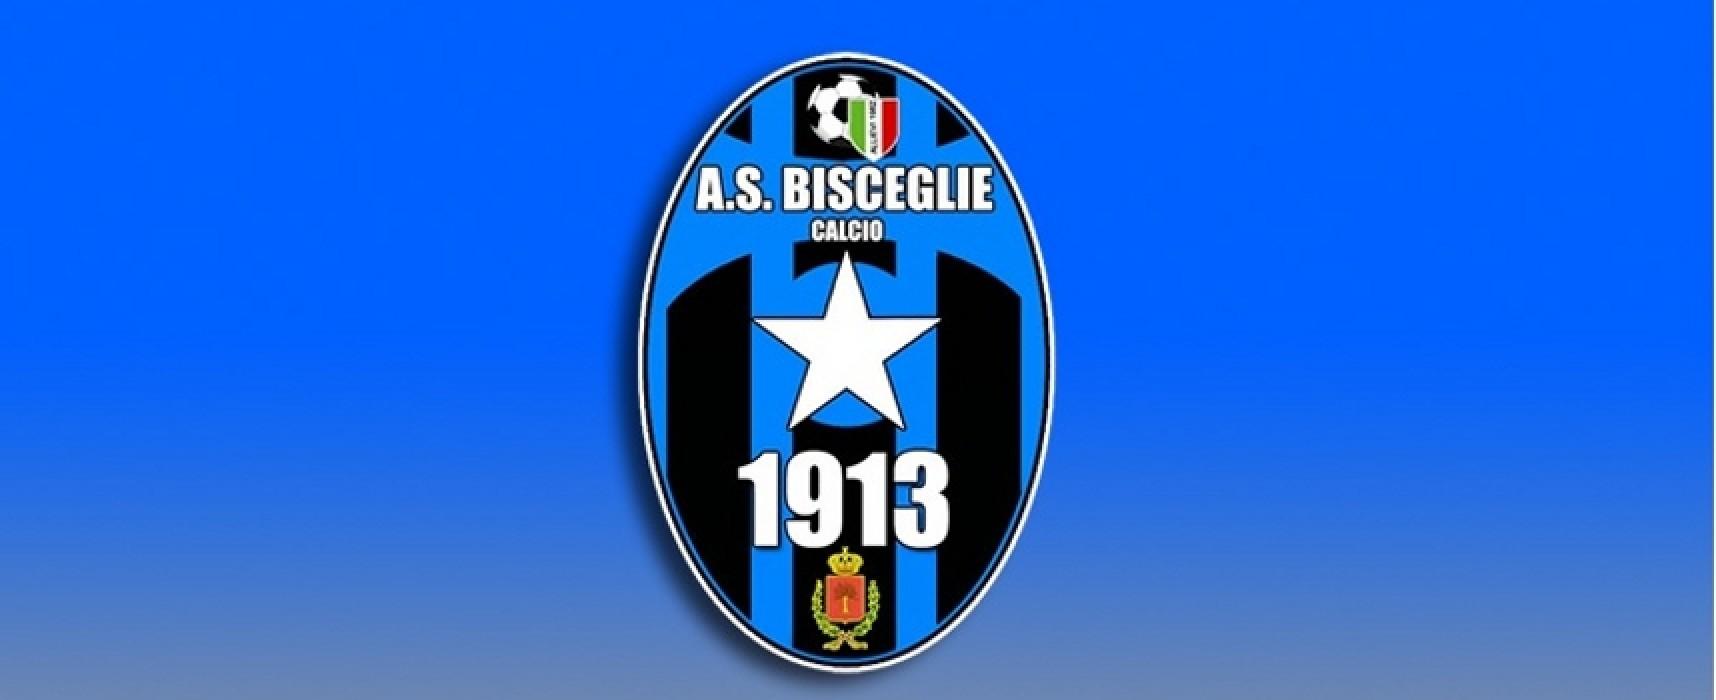 Calendari serie C, Bisceglie Calcio: alla sesta giornata c'è il Lecce, si chiude con il Fondi